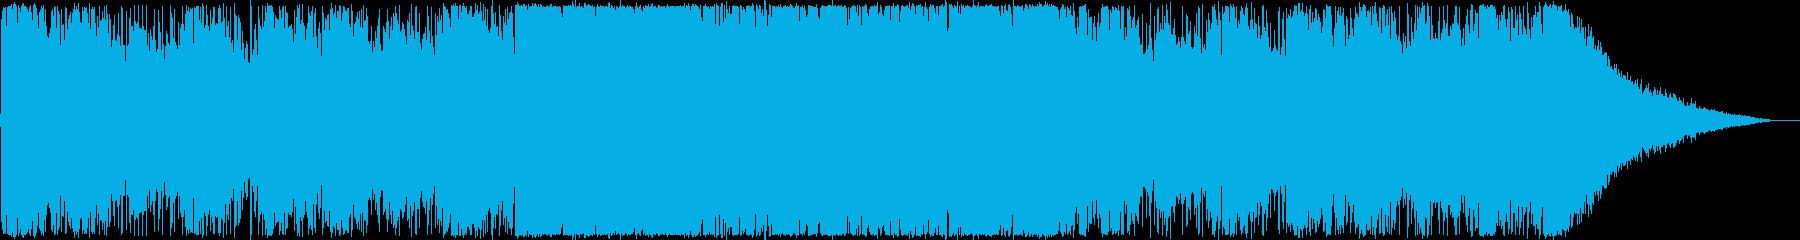 オープニング・楽しい夏・トロピカルハウスの再生済みの波形